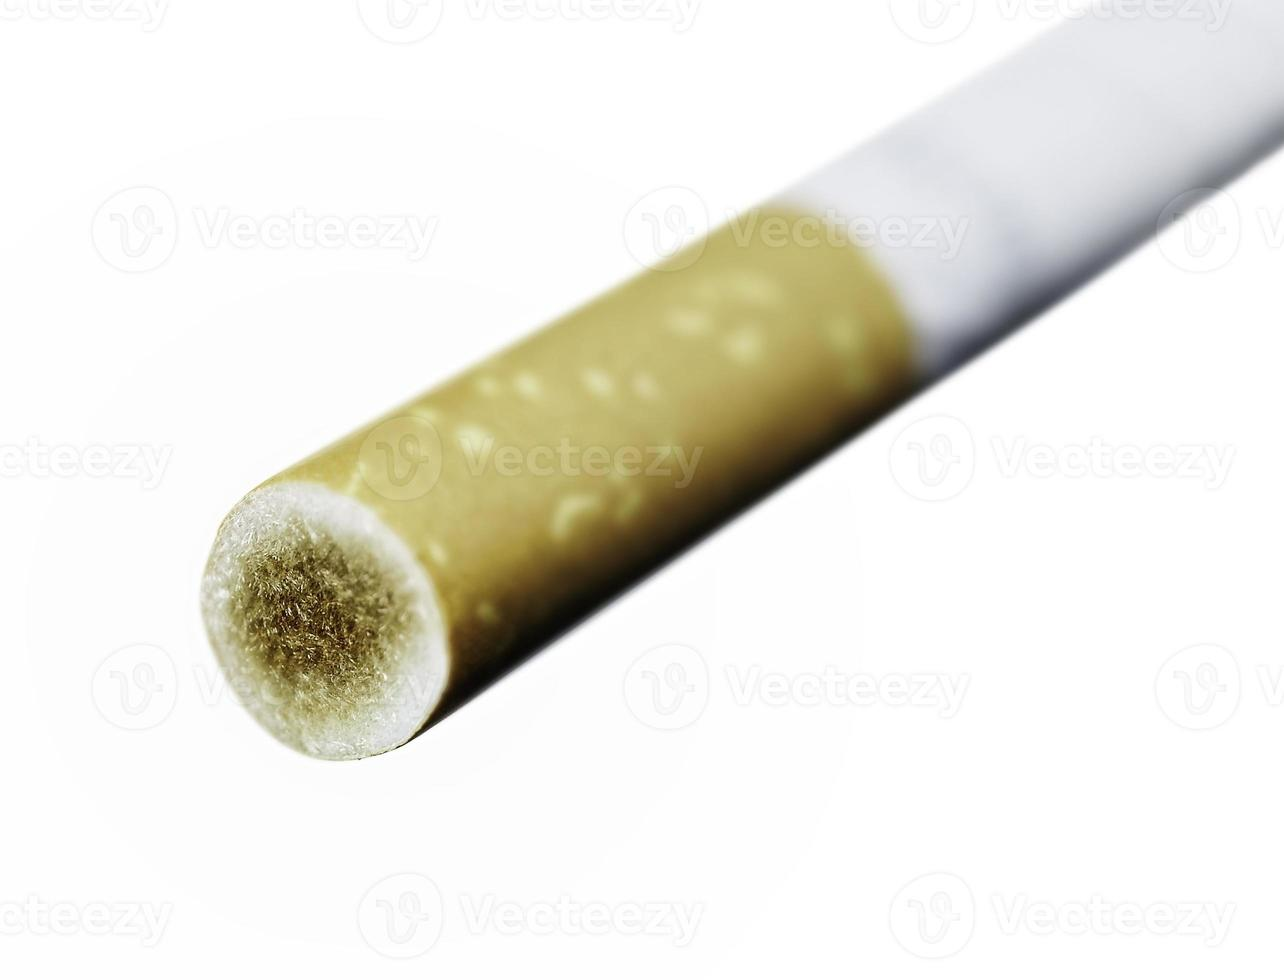 filtro de nicotina foto